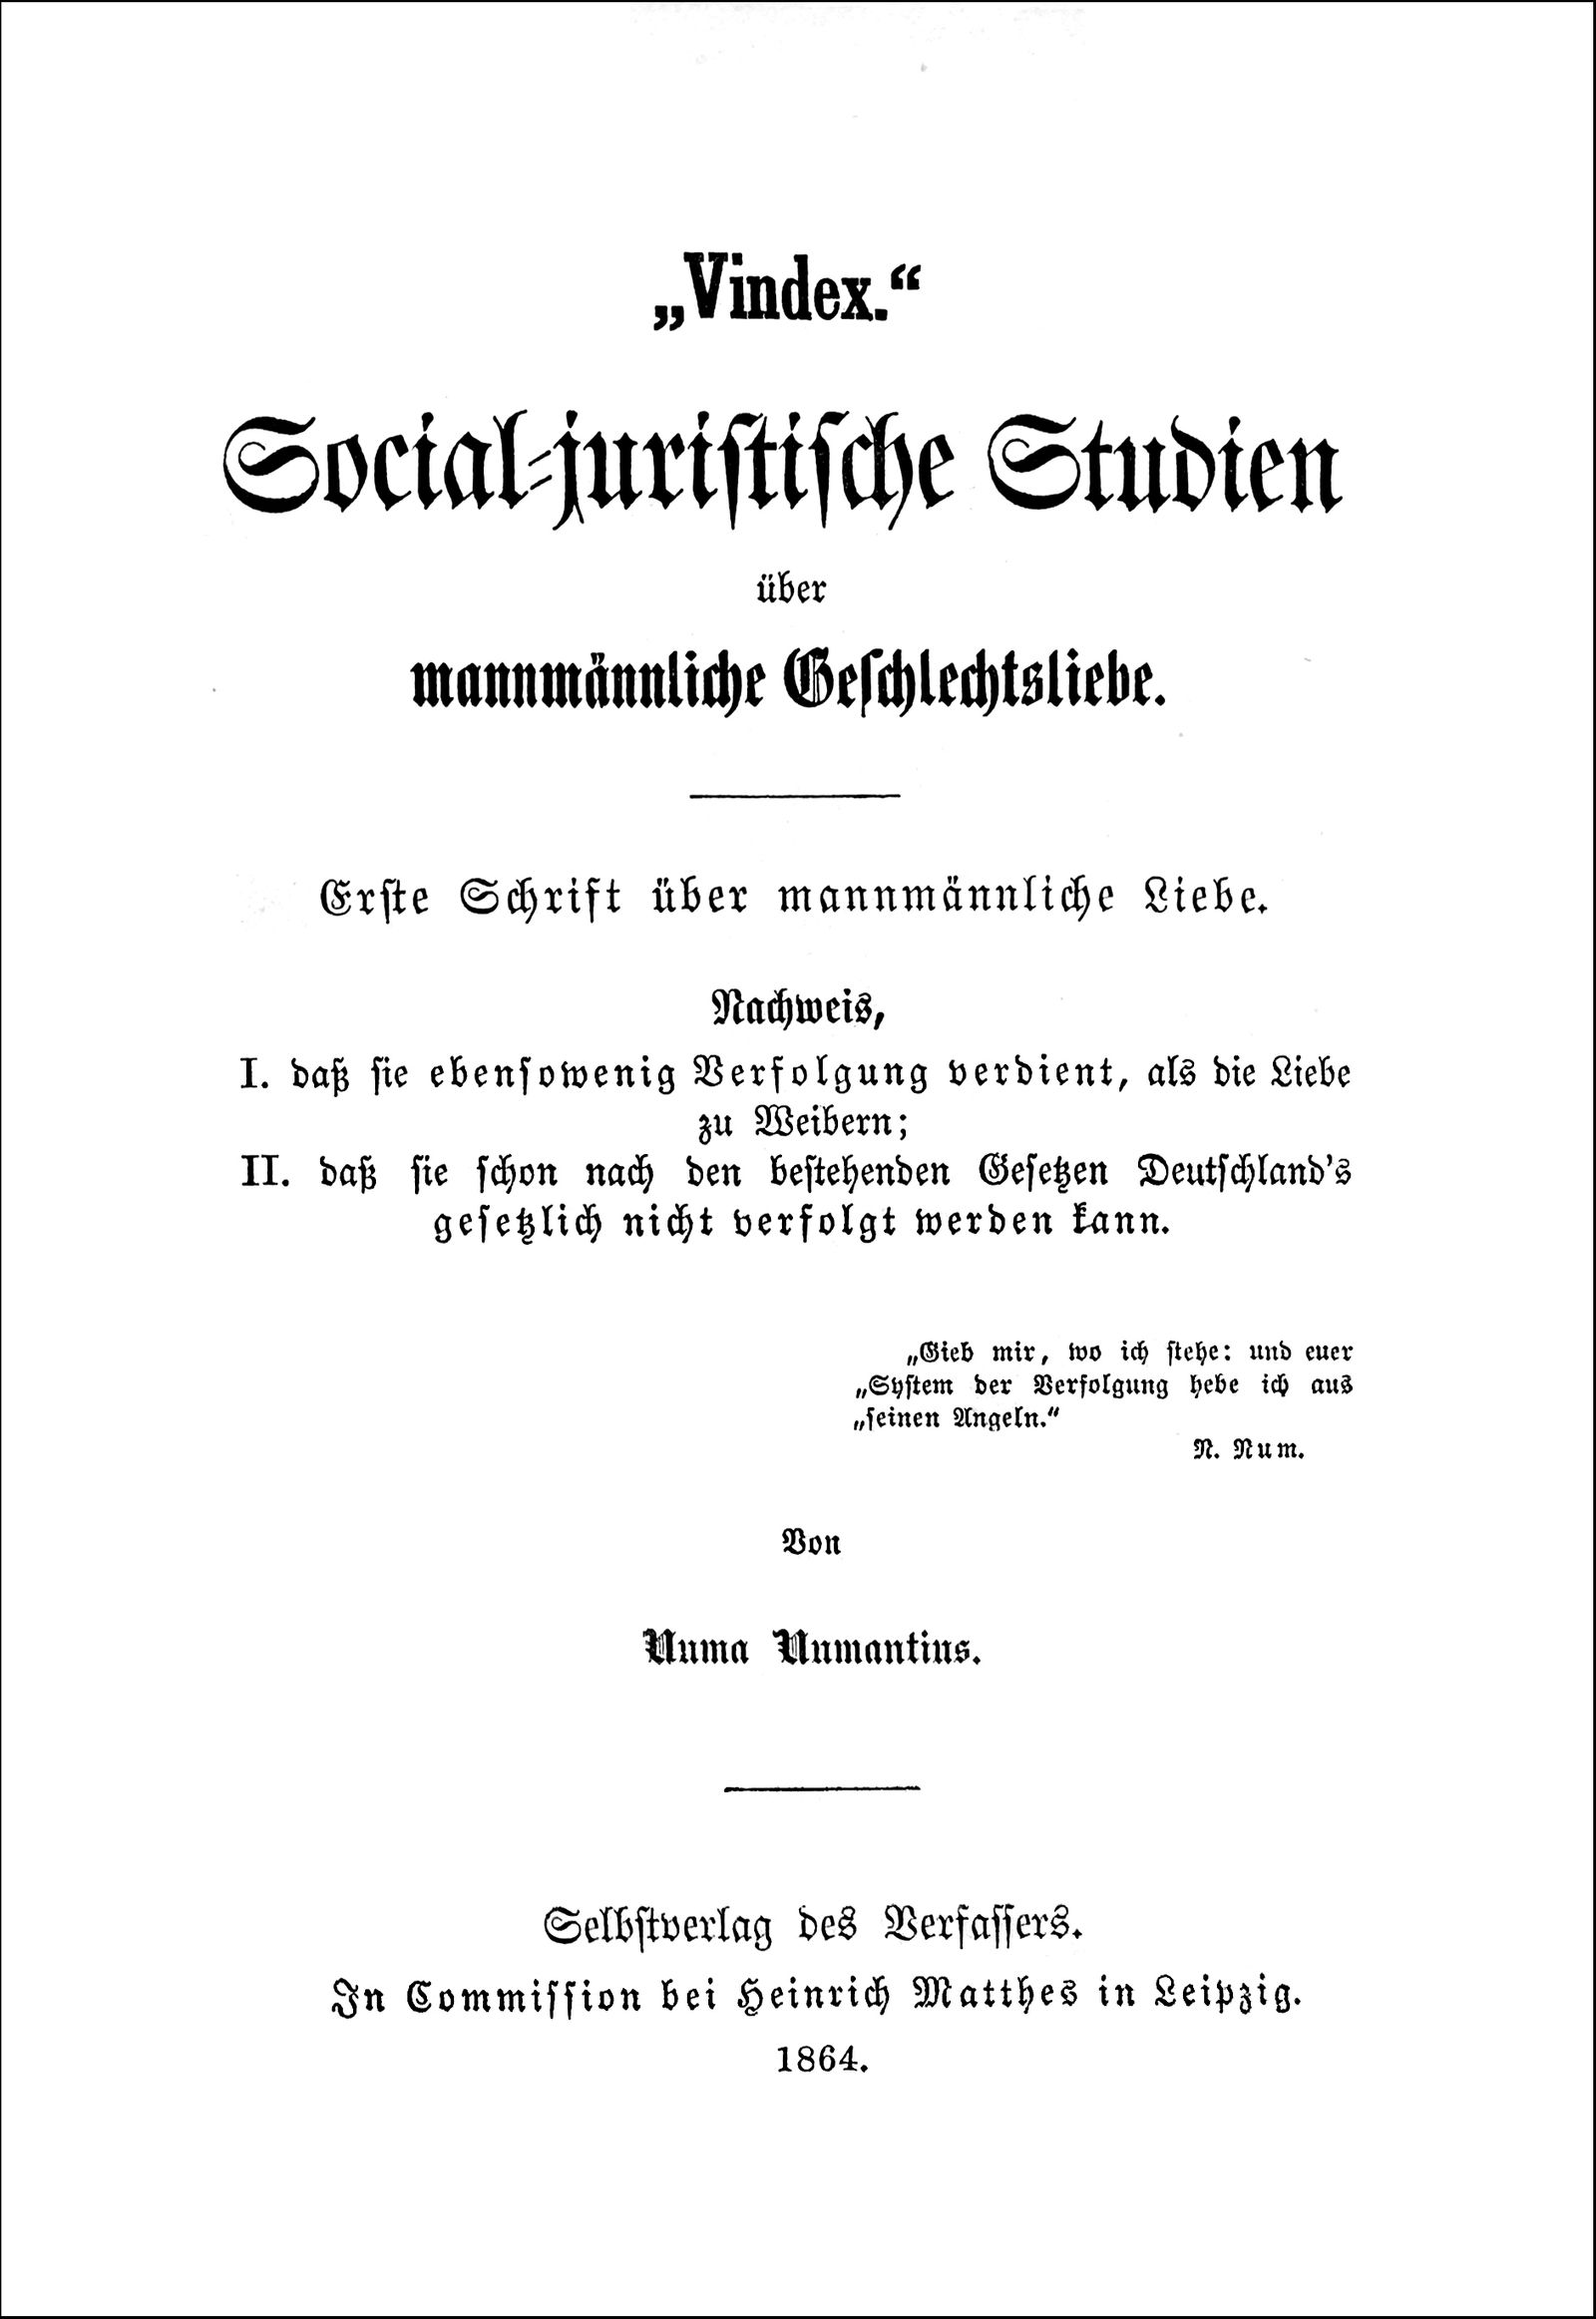 Titlepage of Karl Heinrich Ulrichs' Vindex, 1864